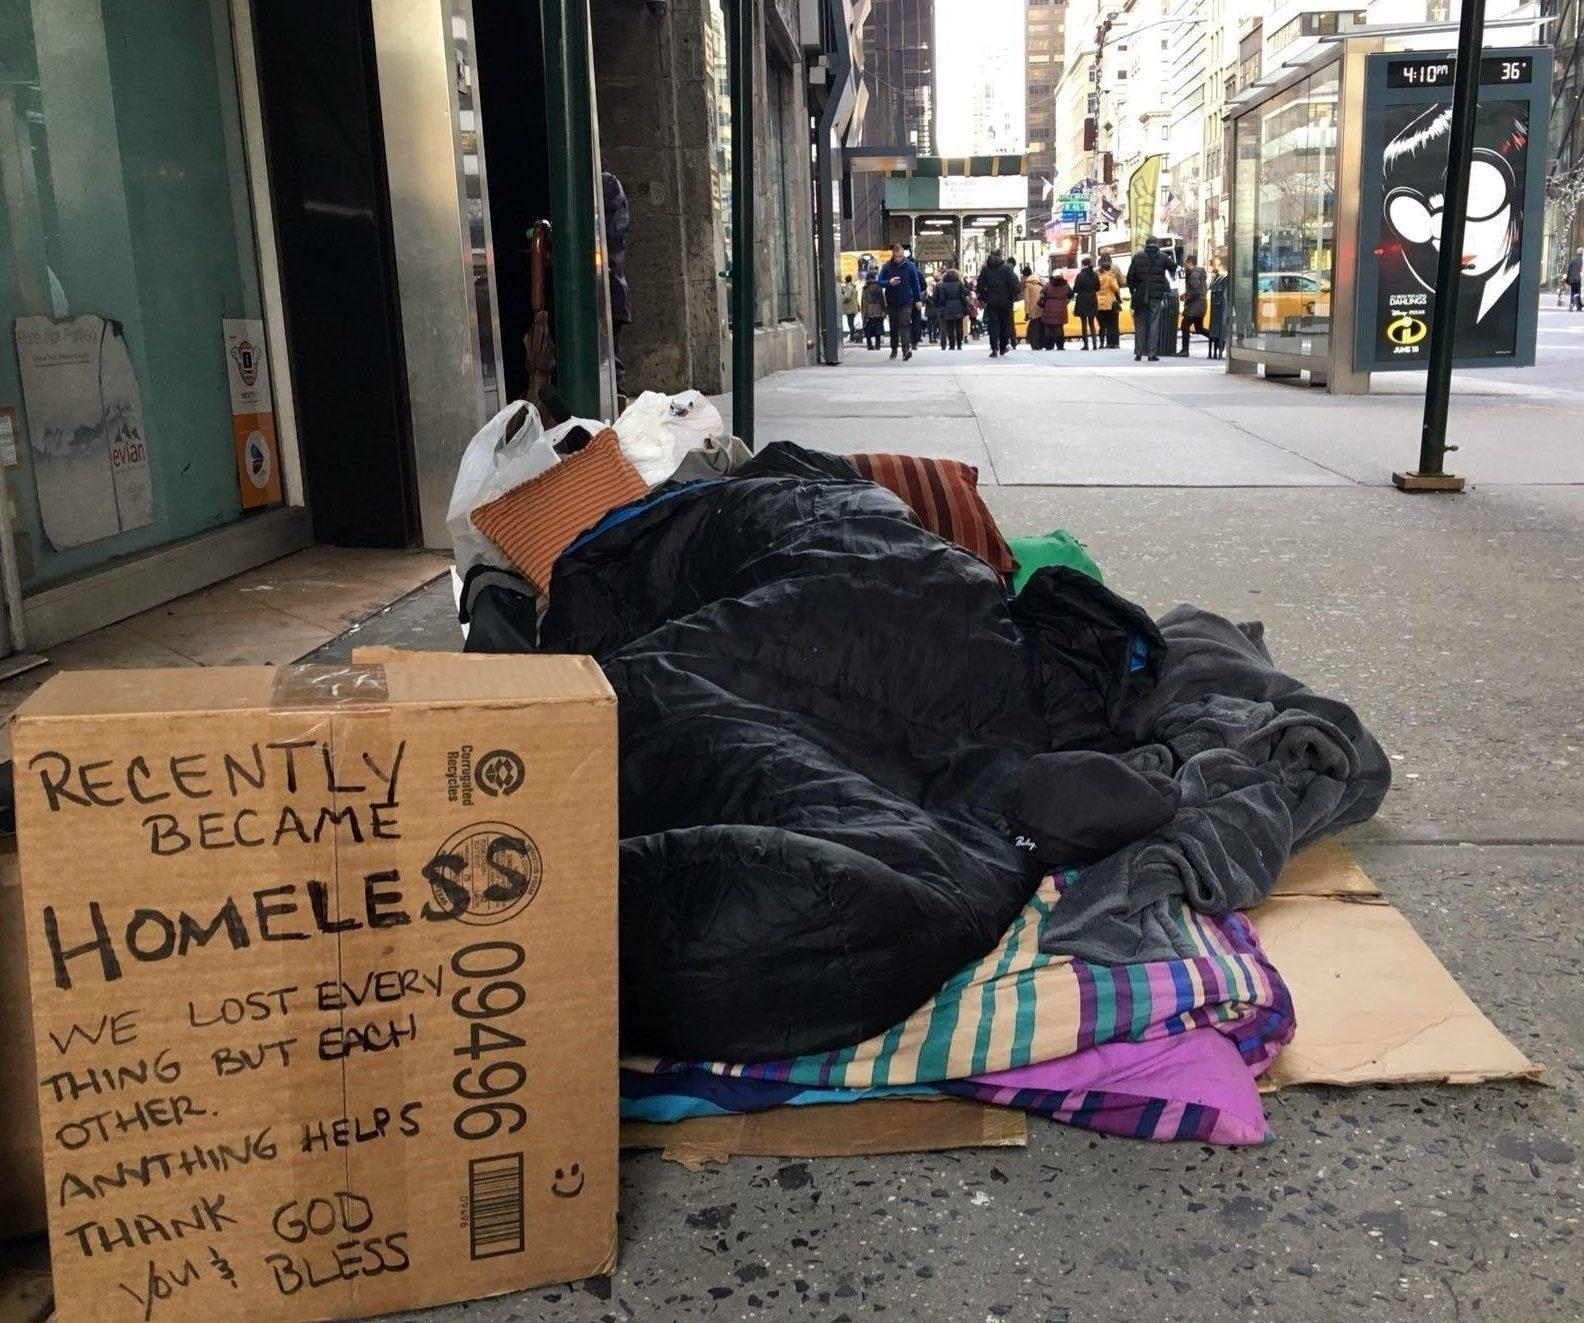 کانادا  40 درصد بیخانمانها قبل از 16 سالگی آوارگی را تجربهکردهاند+تصاویر